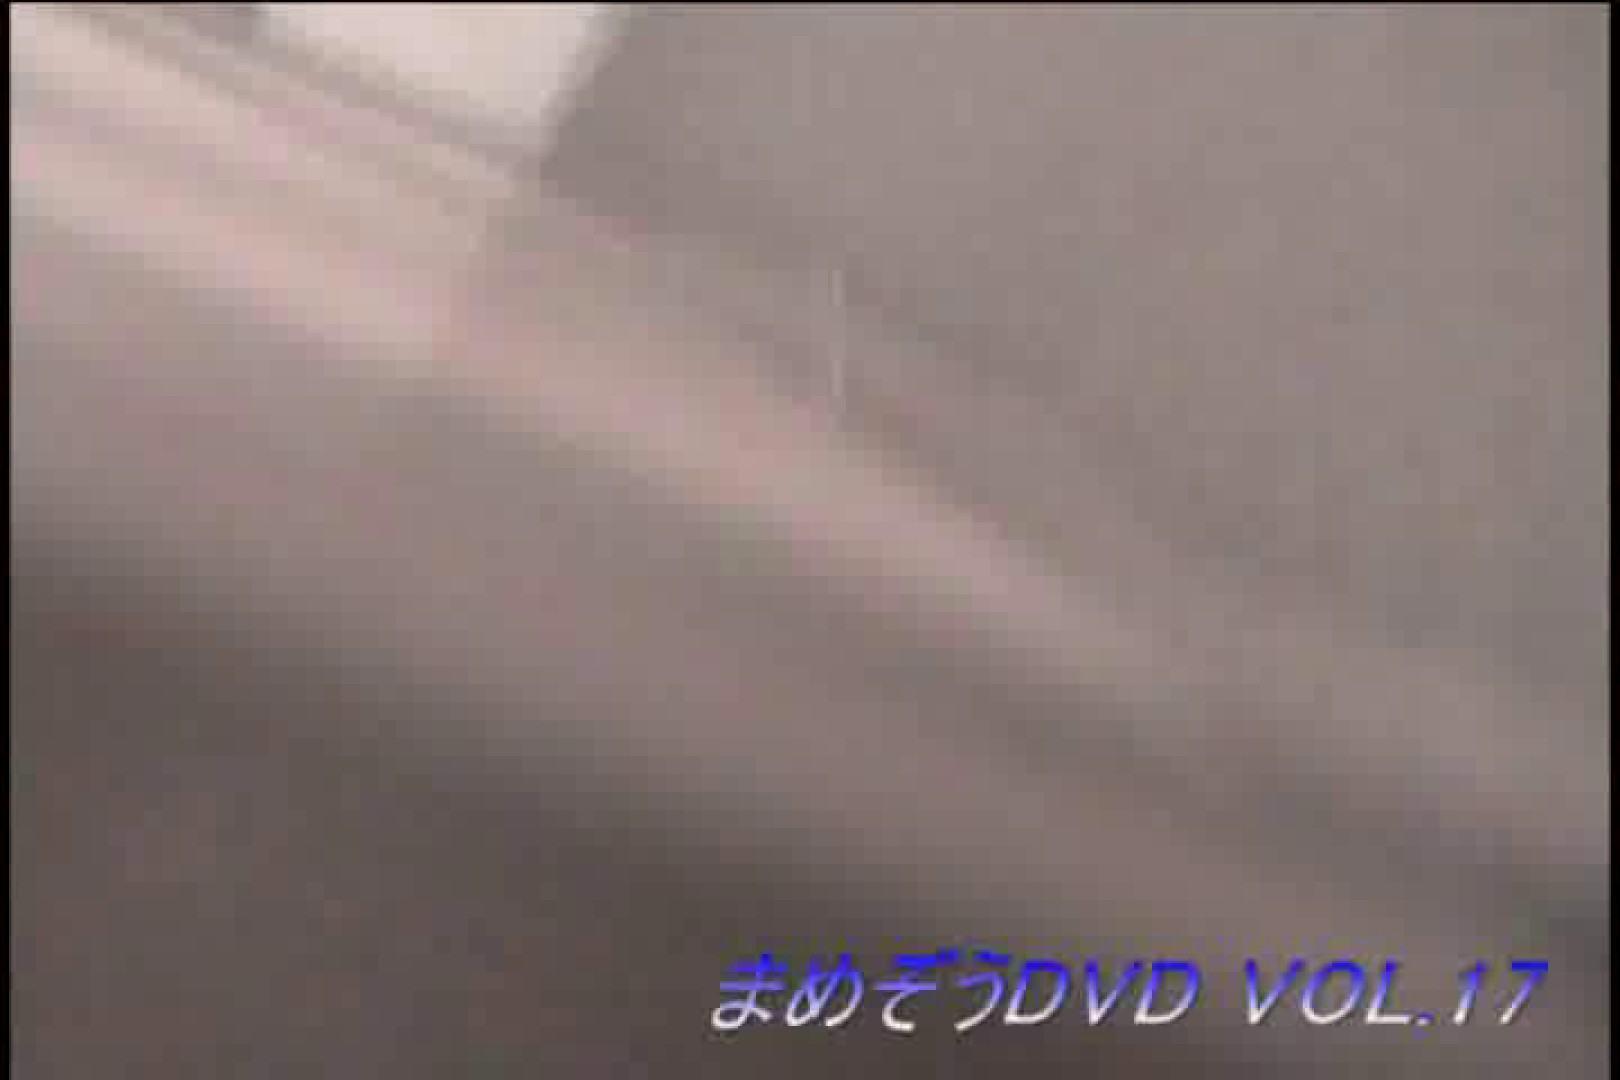 まめぞうDVD完全版VOL.17 洗面所 | ギャル攻め  94画像 67